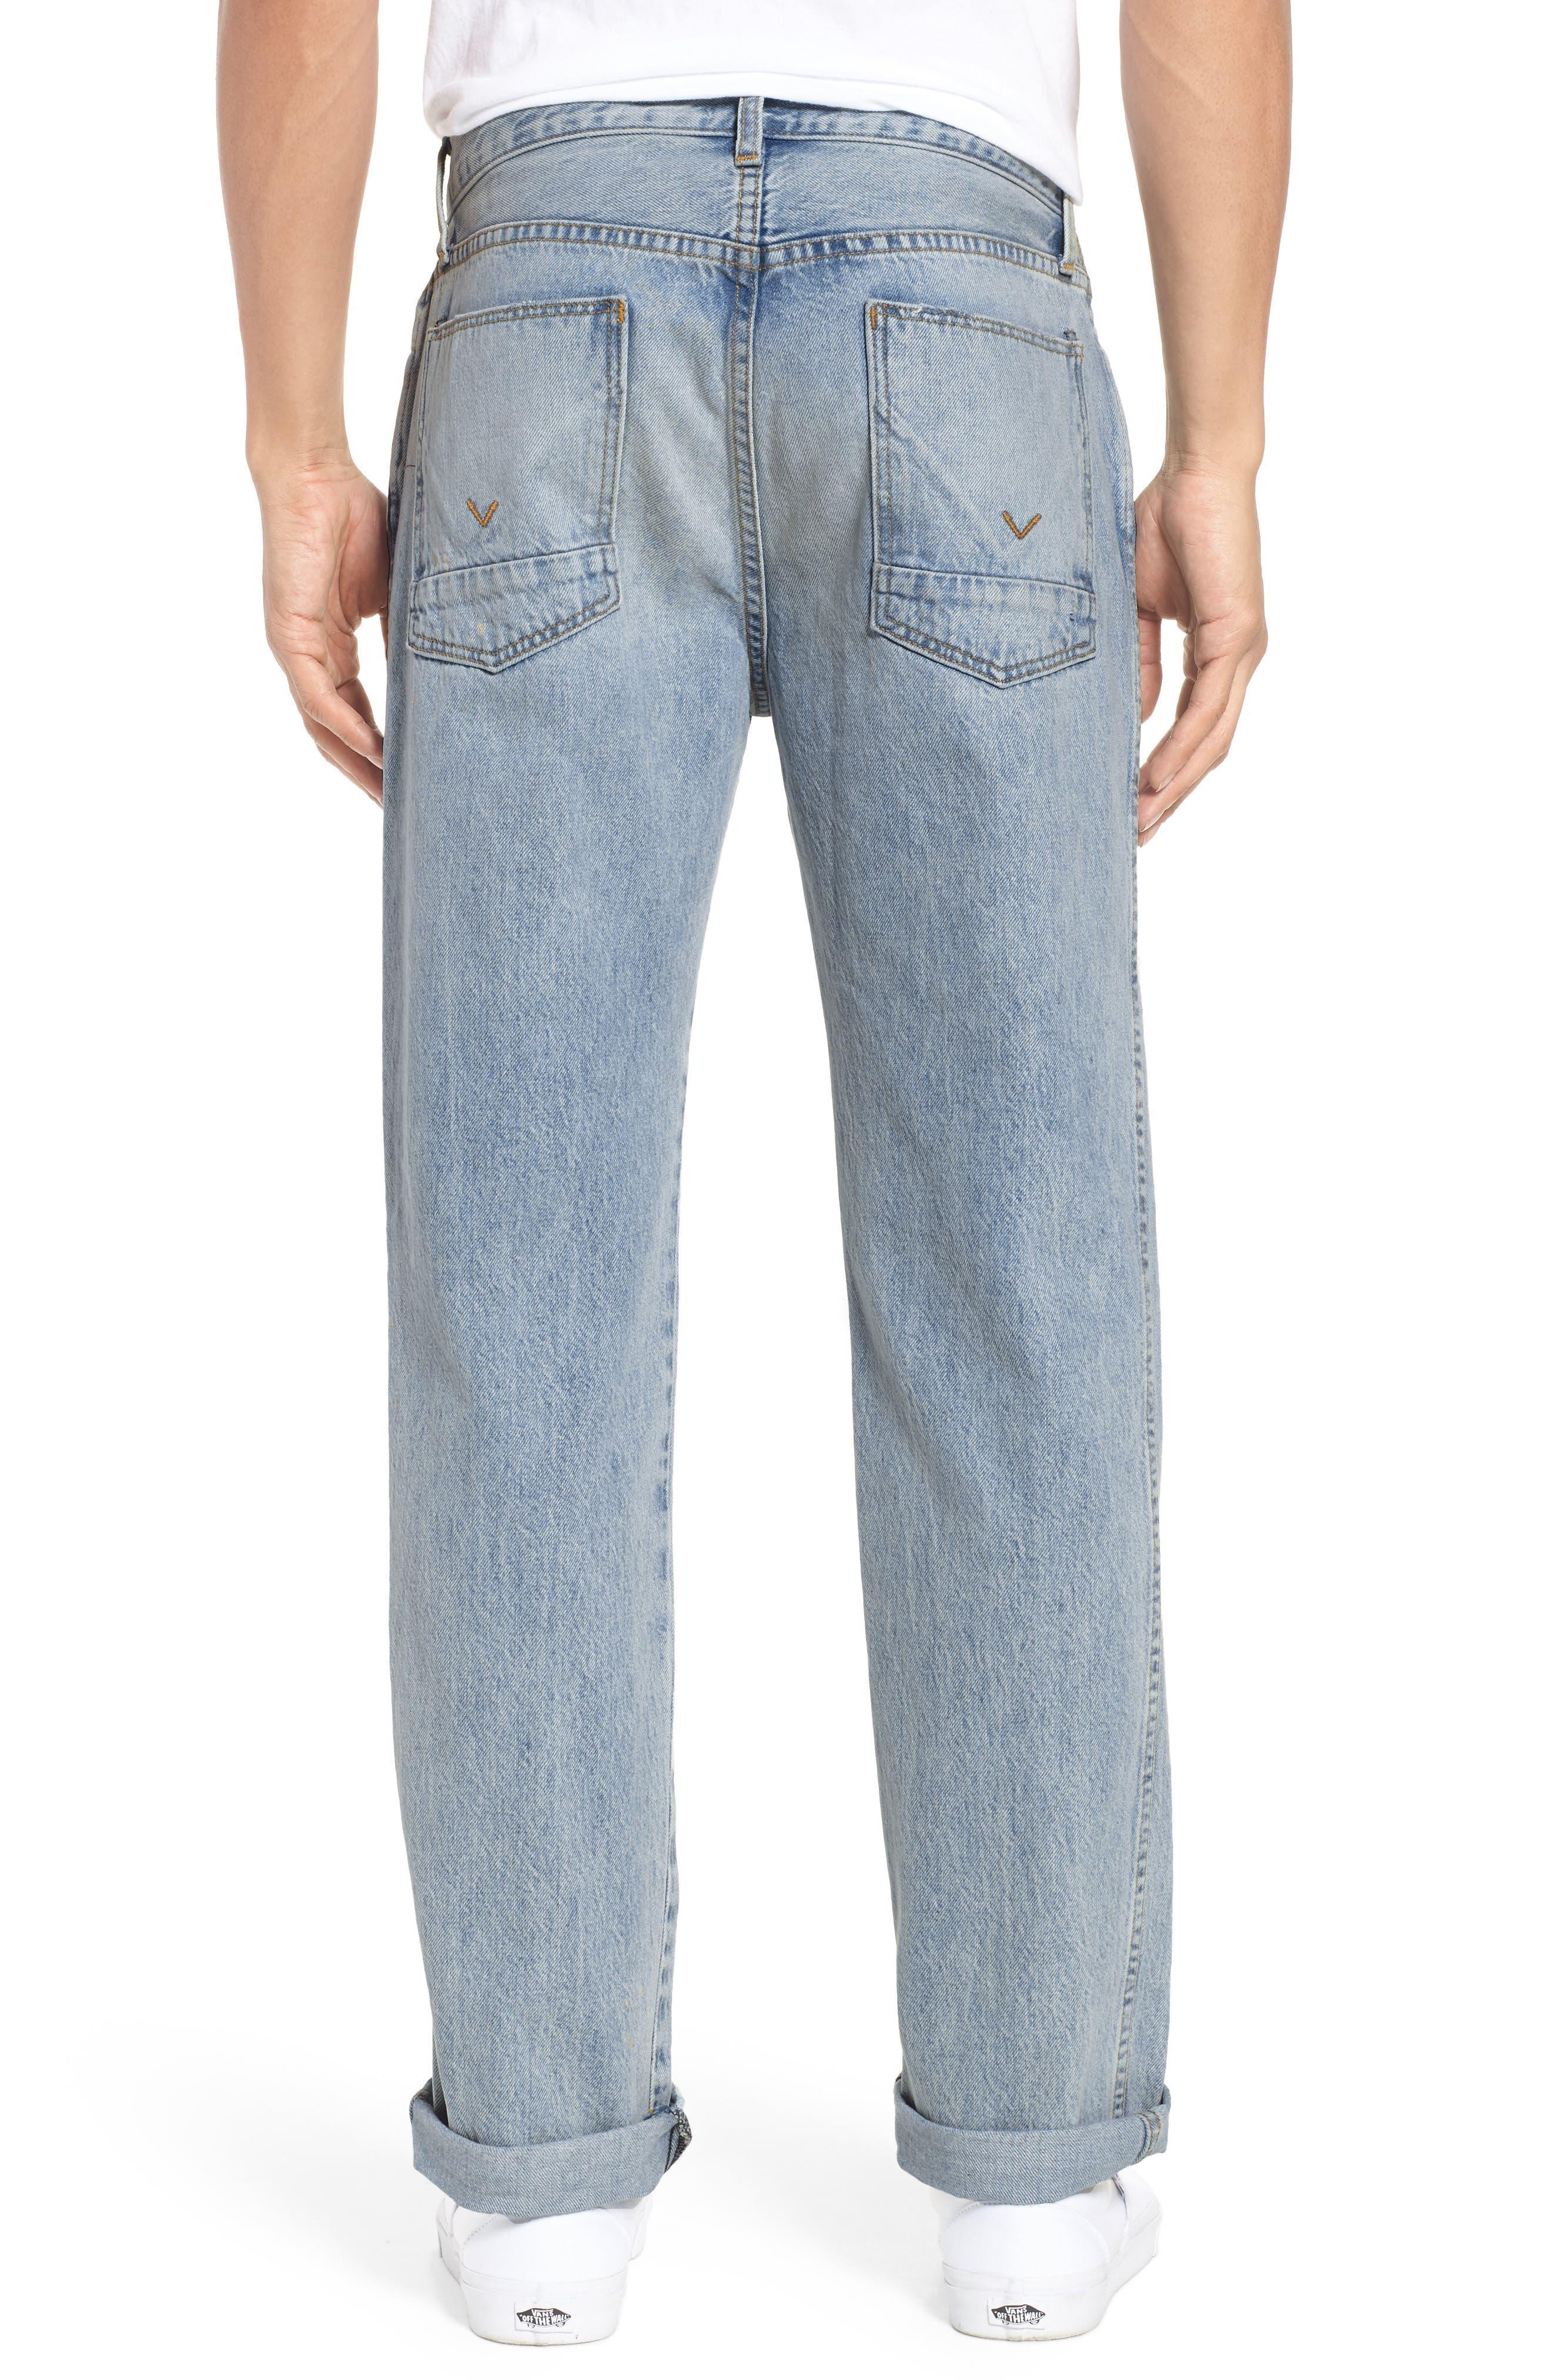 Dixon Straight Fit Jeans,                             Alternate thumbnail 2, color,                             451